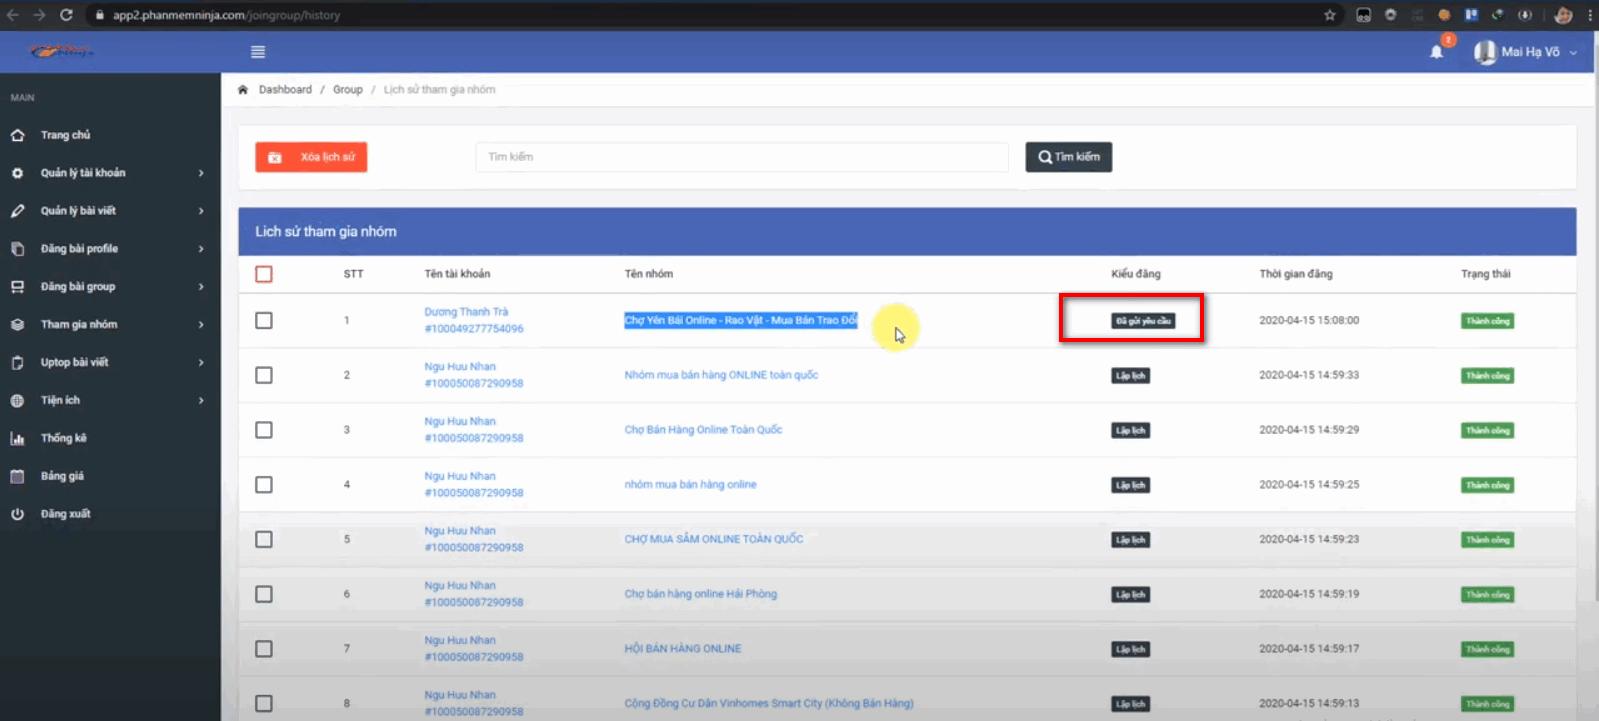 phan mem auto facebook 2 Phần mềm Auto Facebook hướng dẫn tham gia nhóm tại version mới